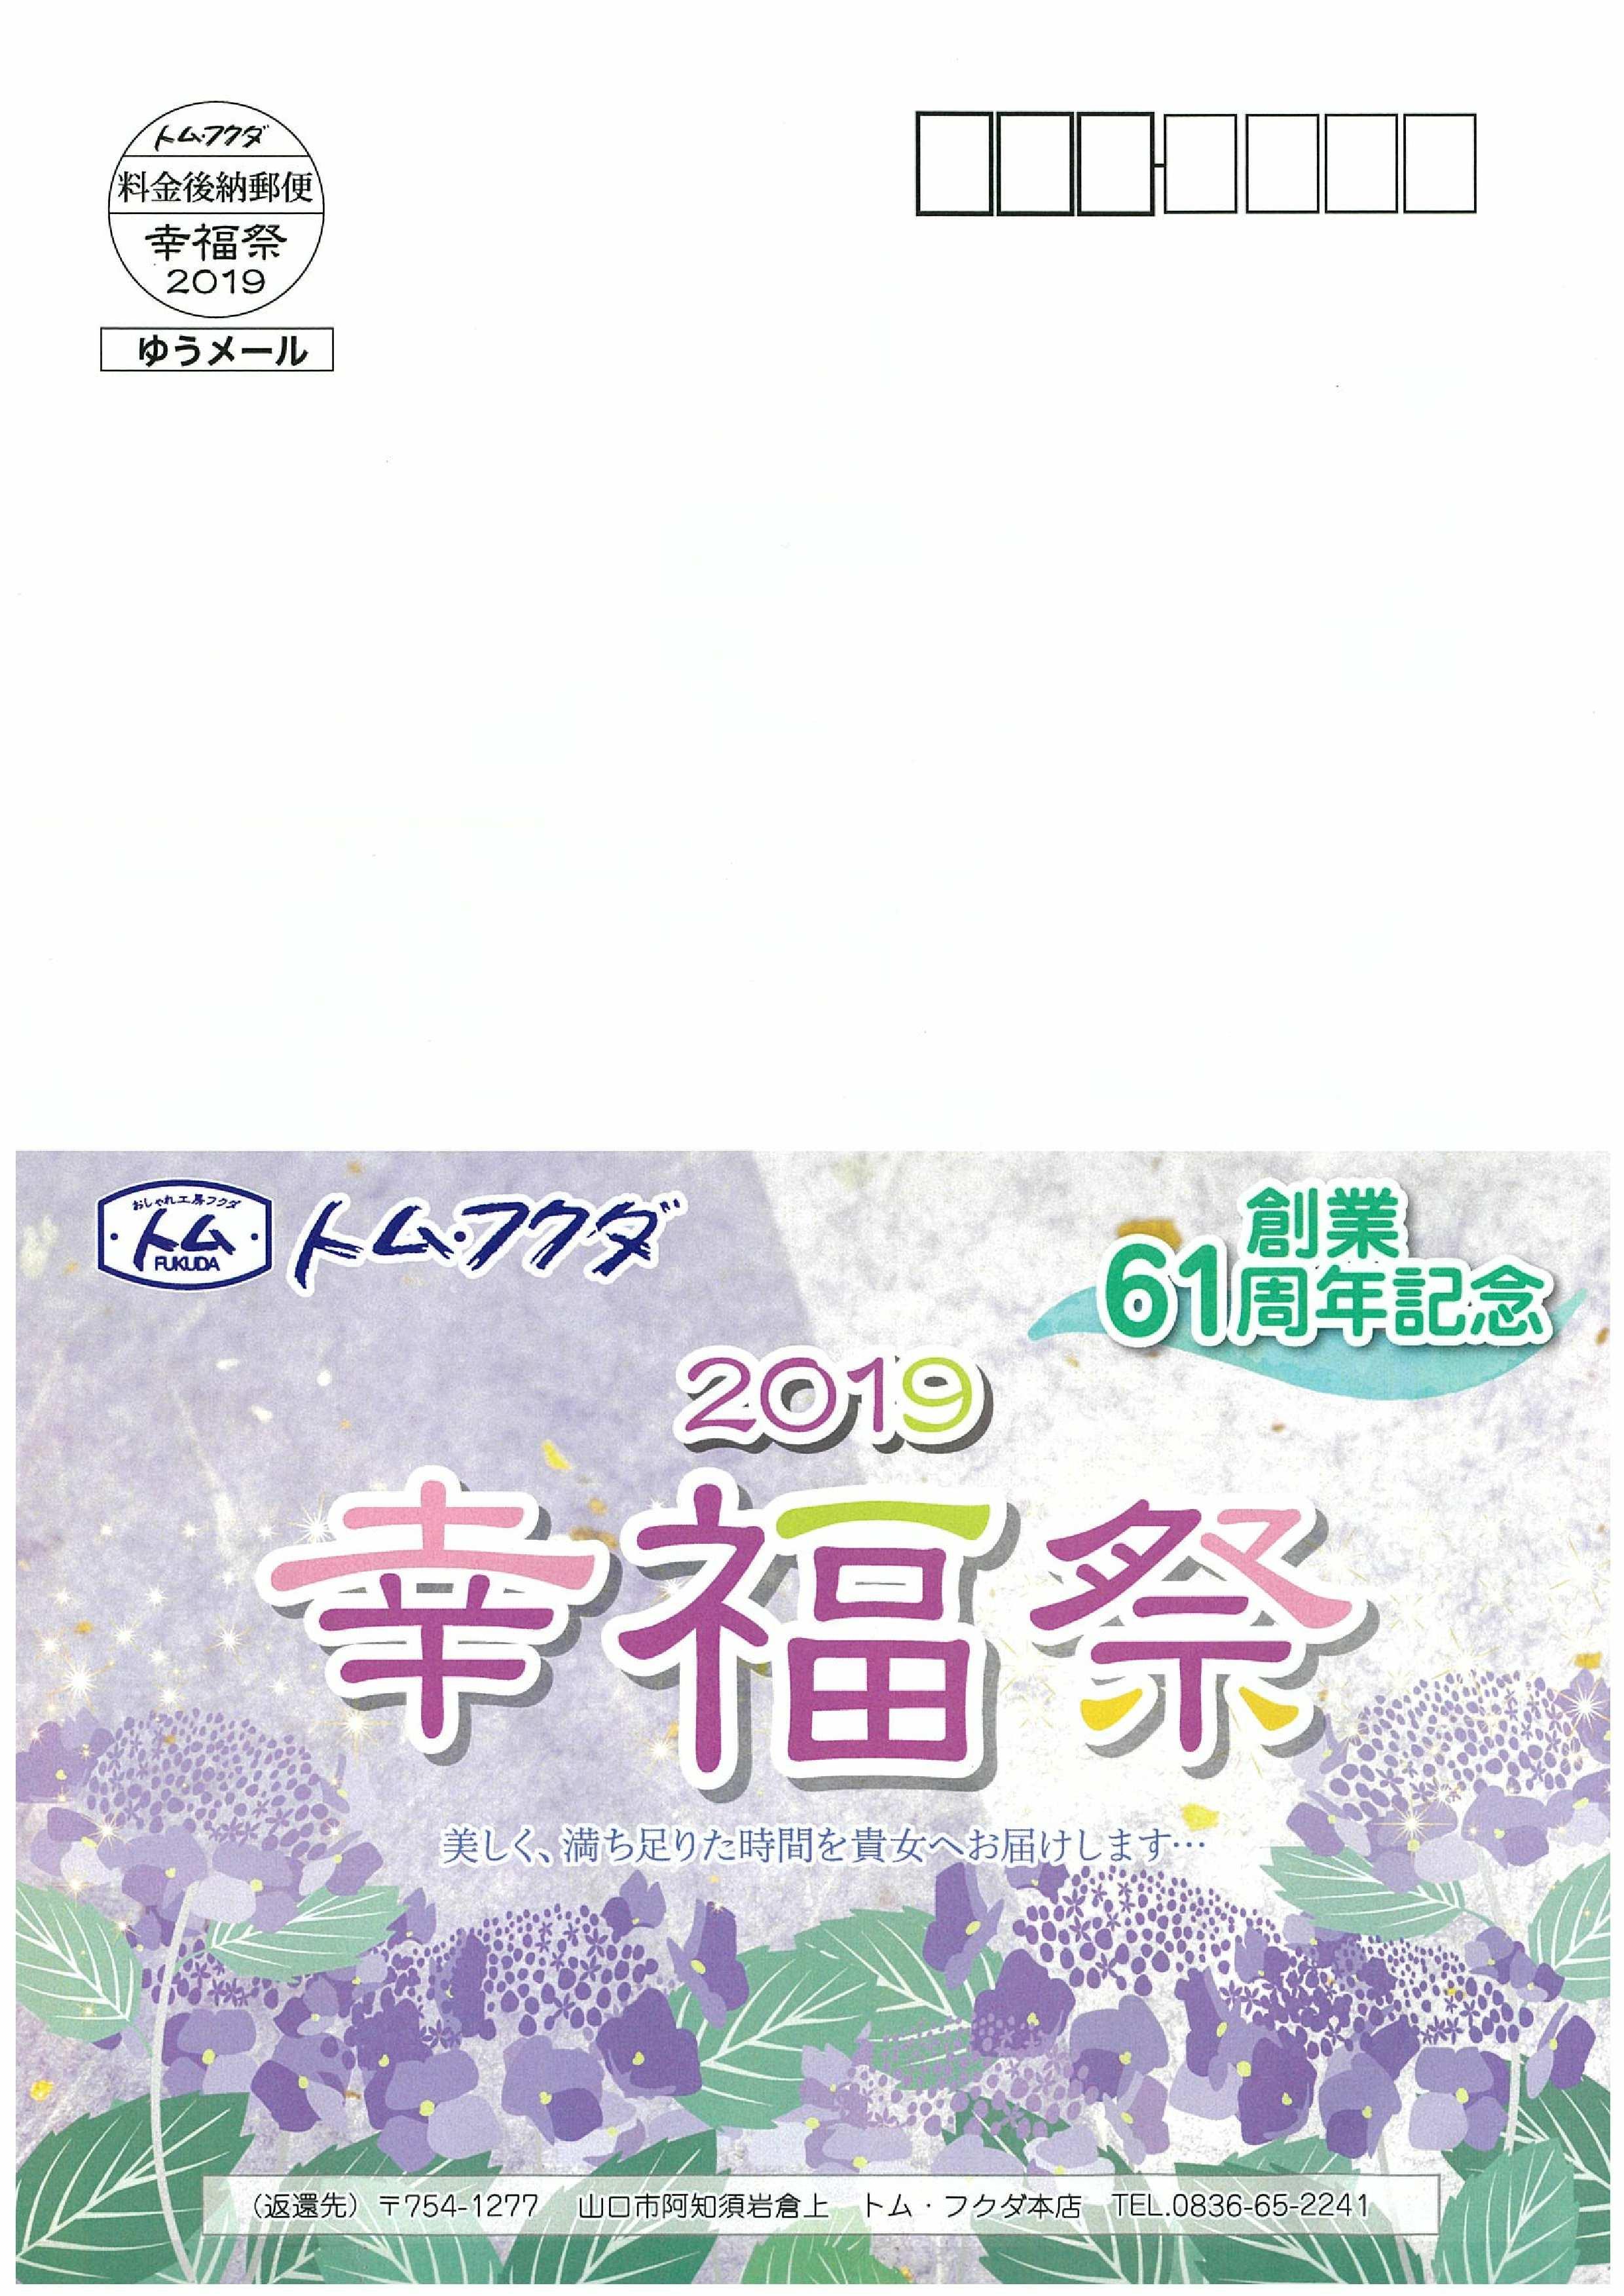 トム・フクダ 宝飾展示会 幸福祭